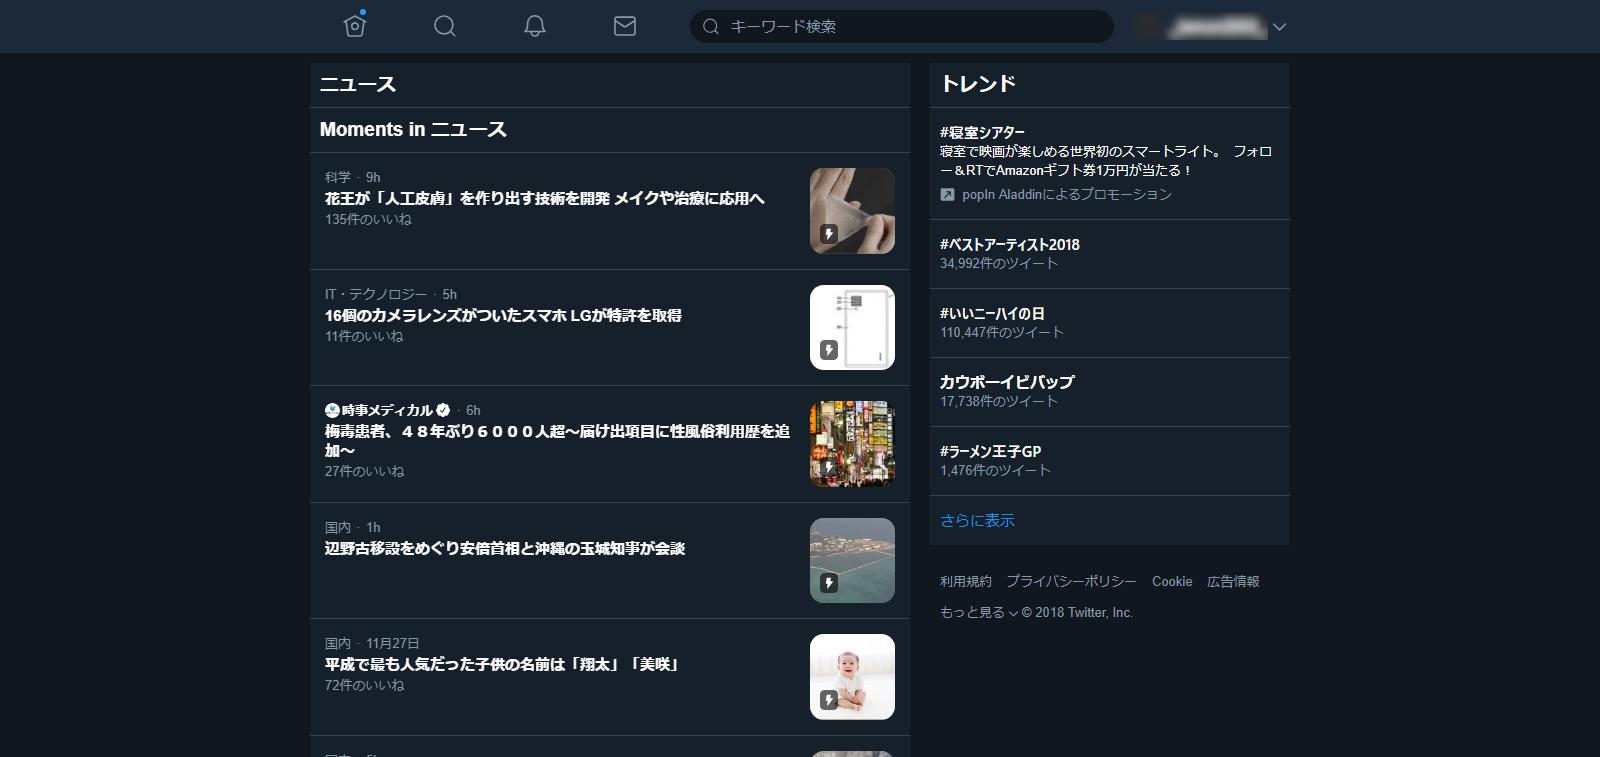 スクリーンショット (49)_.png